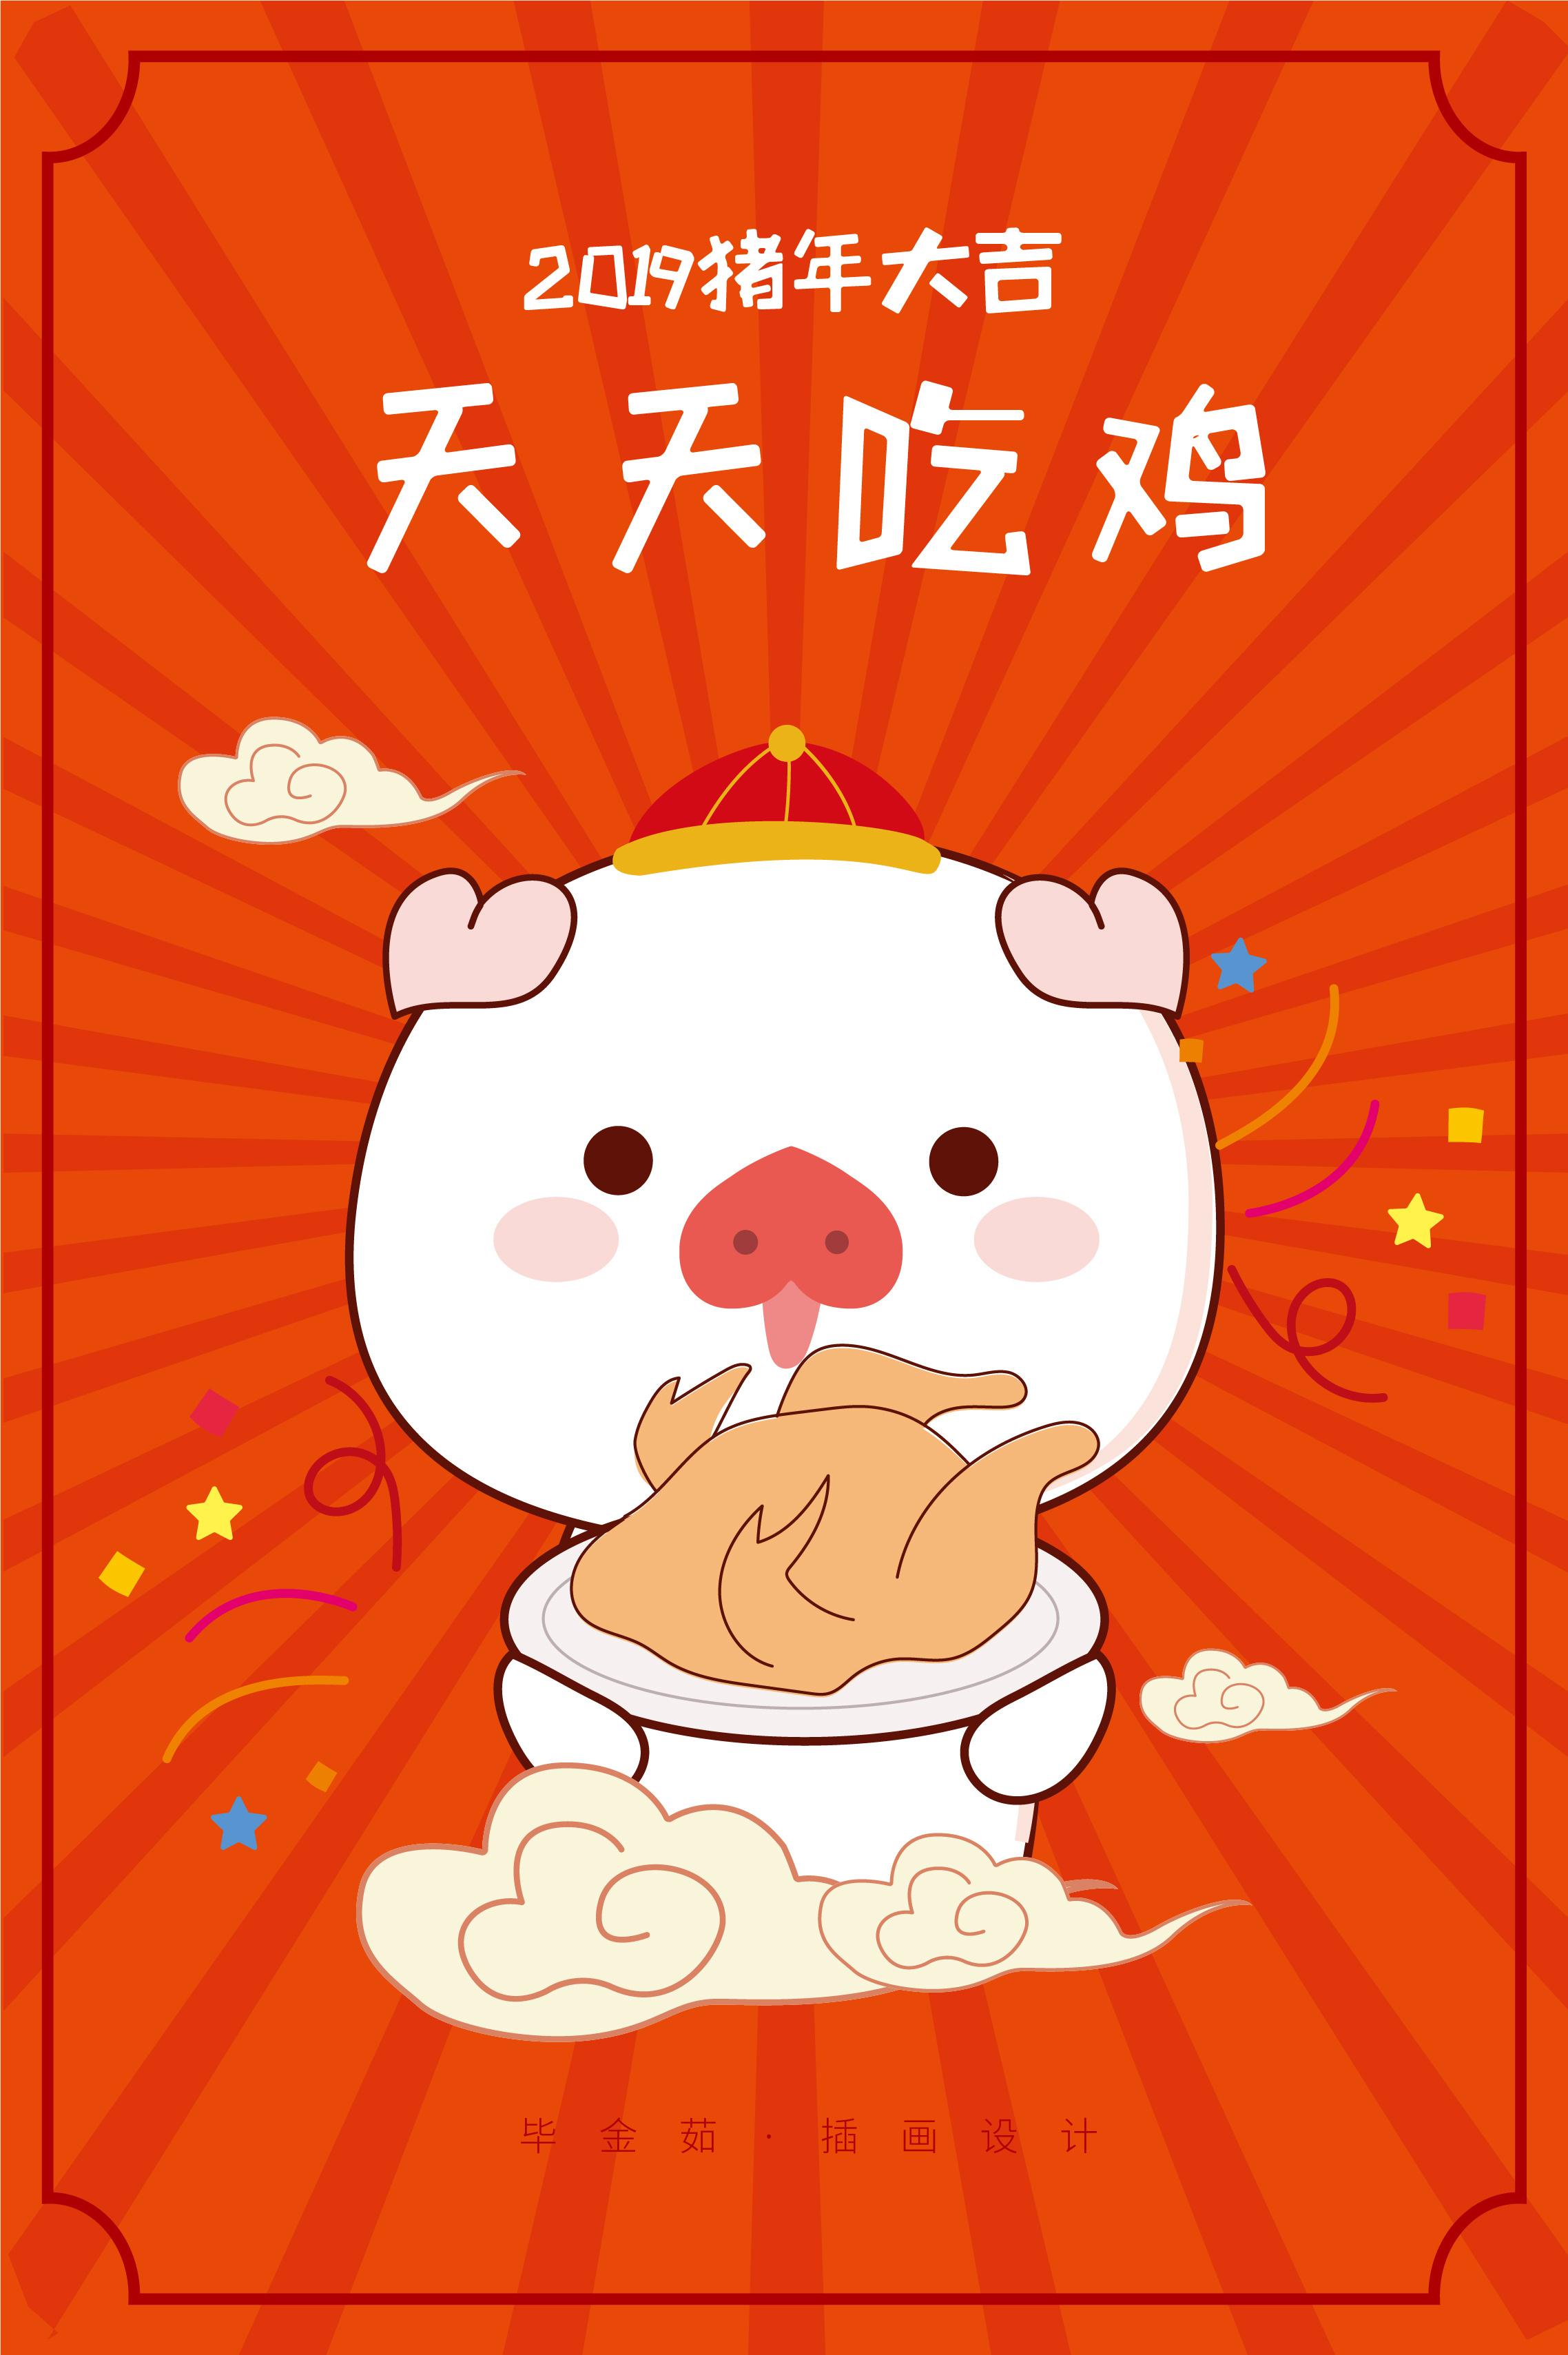 2019猪年大吉猪小爱表情系列衍生品元宝猪表情包的戴美瞳没图图片